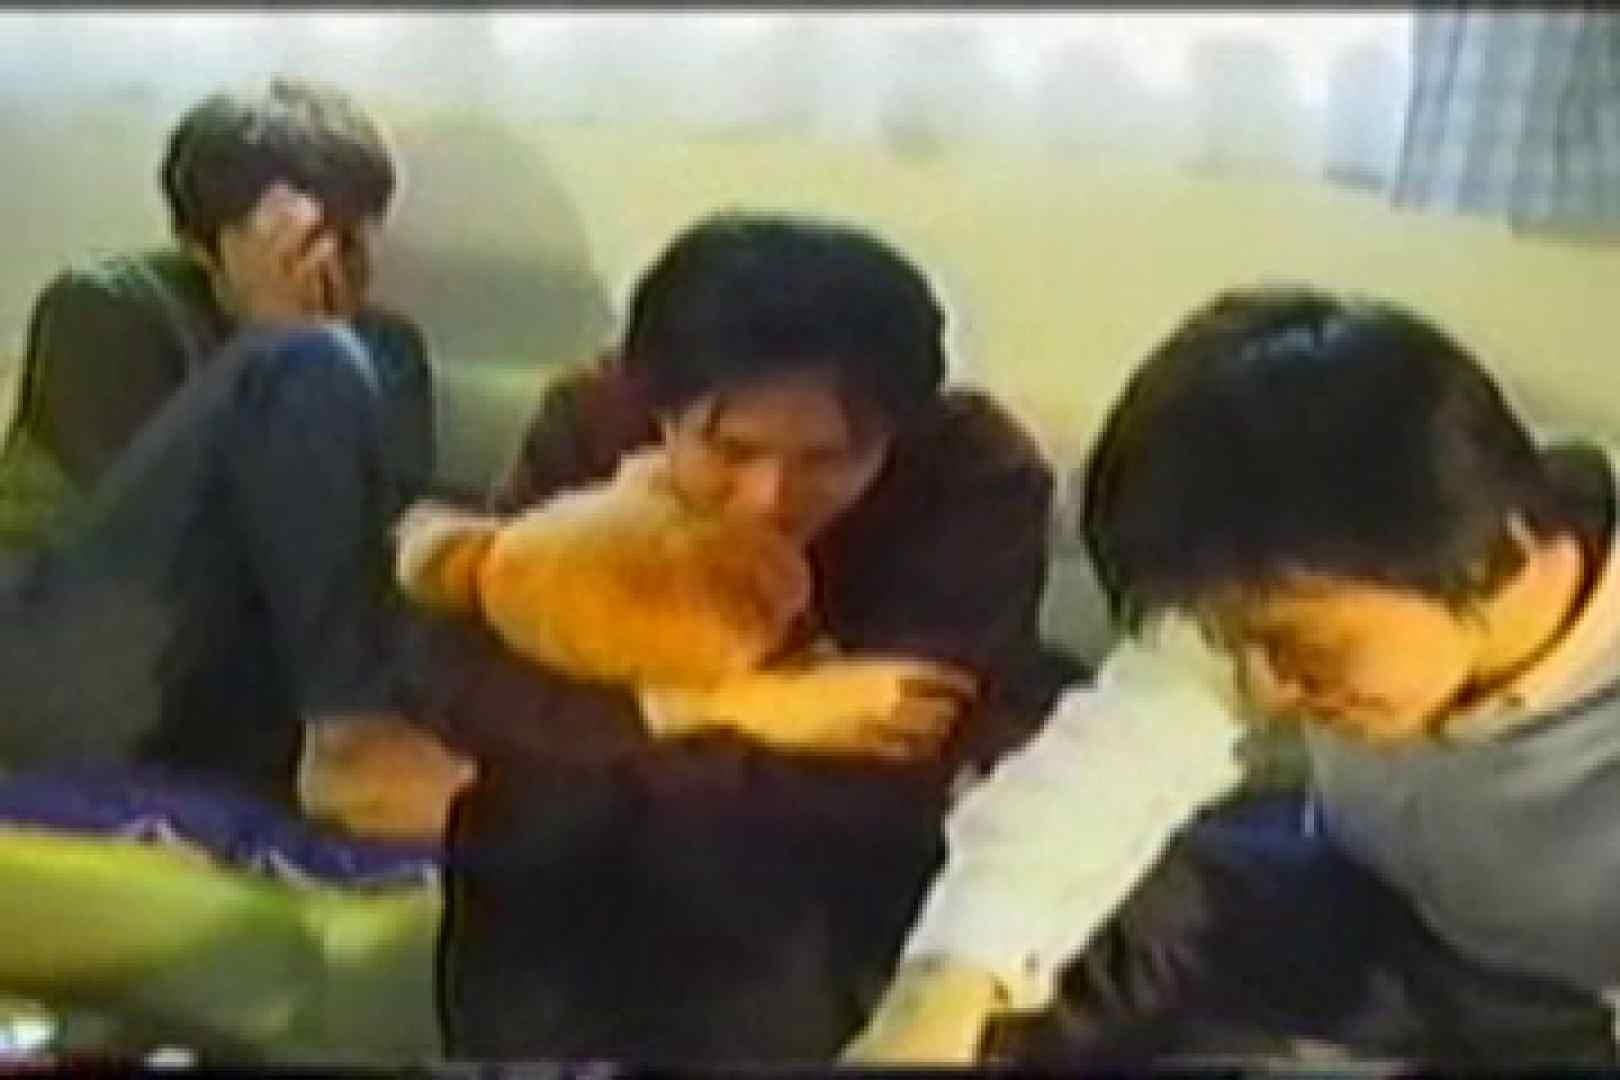 【流出】若者たちの集い 企画  85pic 76